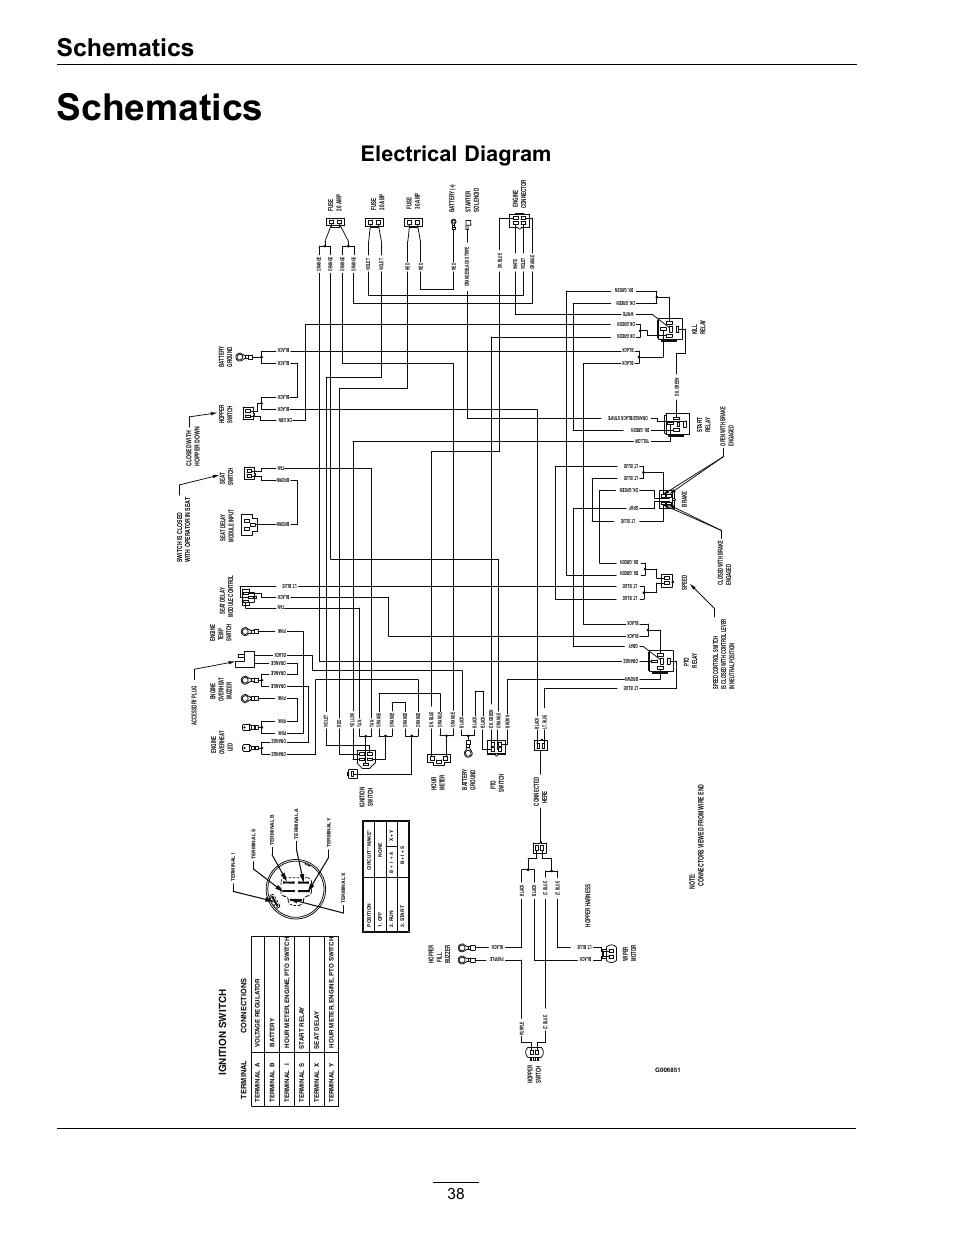 Navigator Wiring Schematics | Wiring Diagrams on voltage regulator schematic, bridge schematic, fire system schematic, light schematic, lamp schematic, relay schematic, fluorescent starter schematic, capacitor schematic, heater schematic, compressor schematic, bulb schematic, wire schematic, led schematic, generator schematic, coil schematic, engine schematic, motor schematic, deck schematic, control schematic, switch schematic,